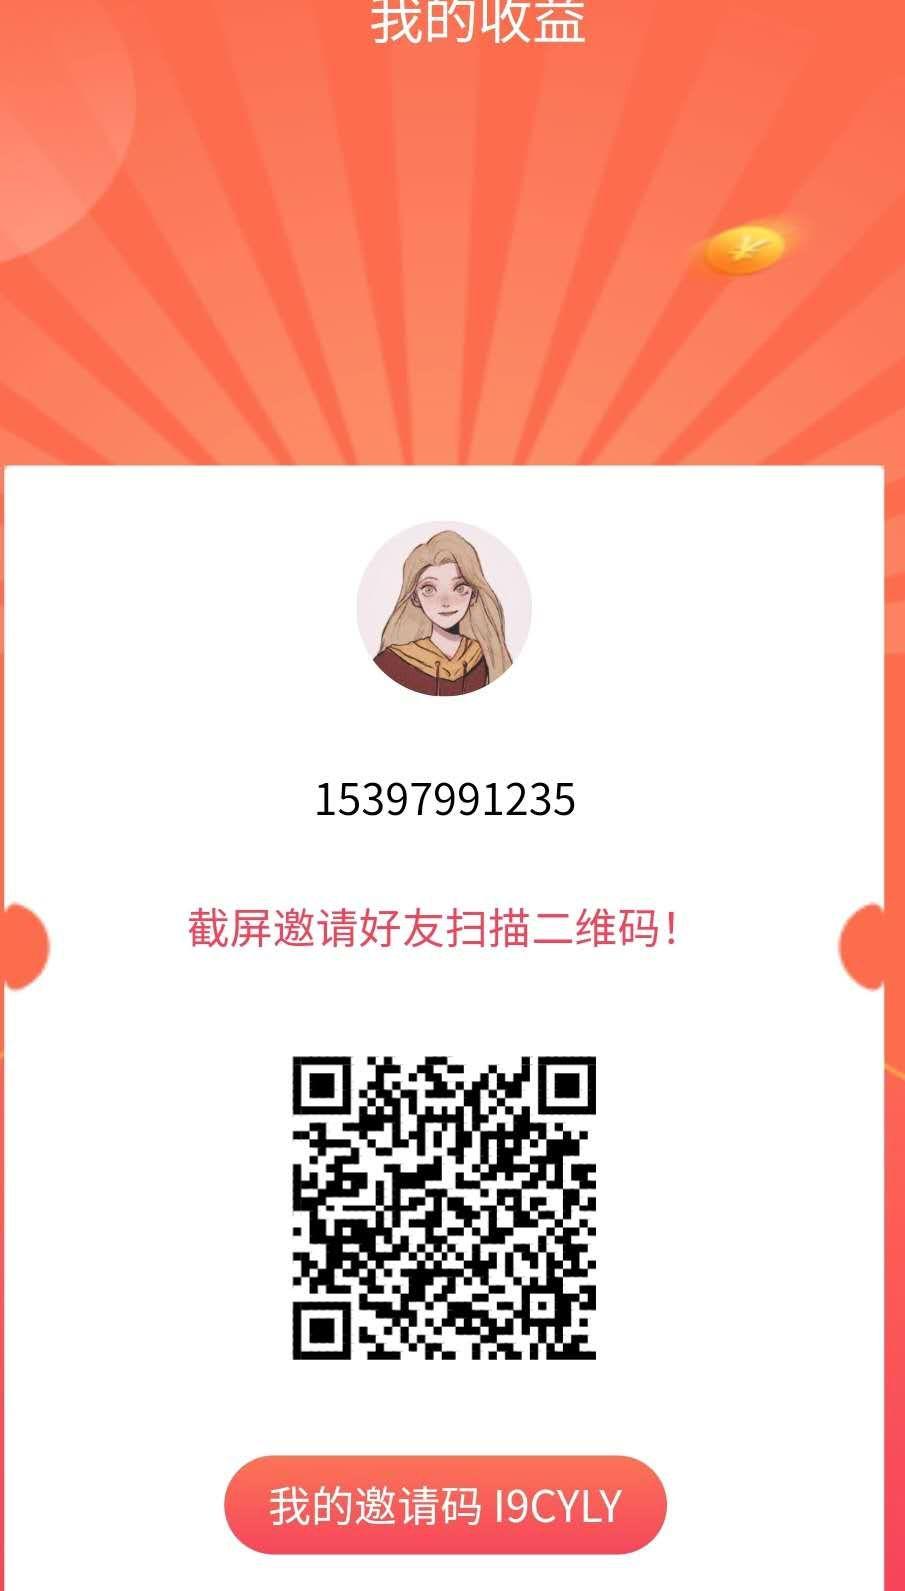 图片[2]-浙乡有礼拼团首码,全新模式撸红包拼团无压力-首码社